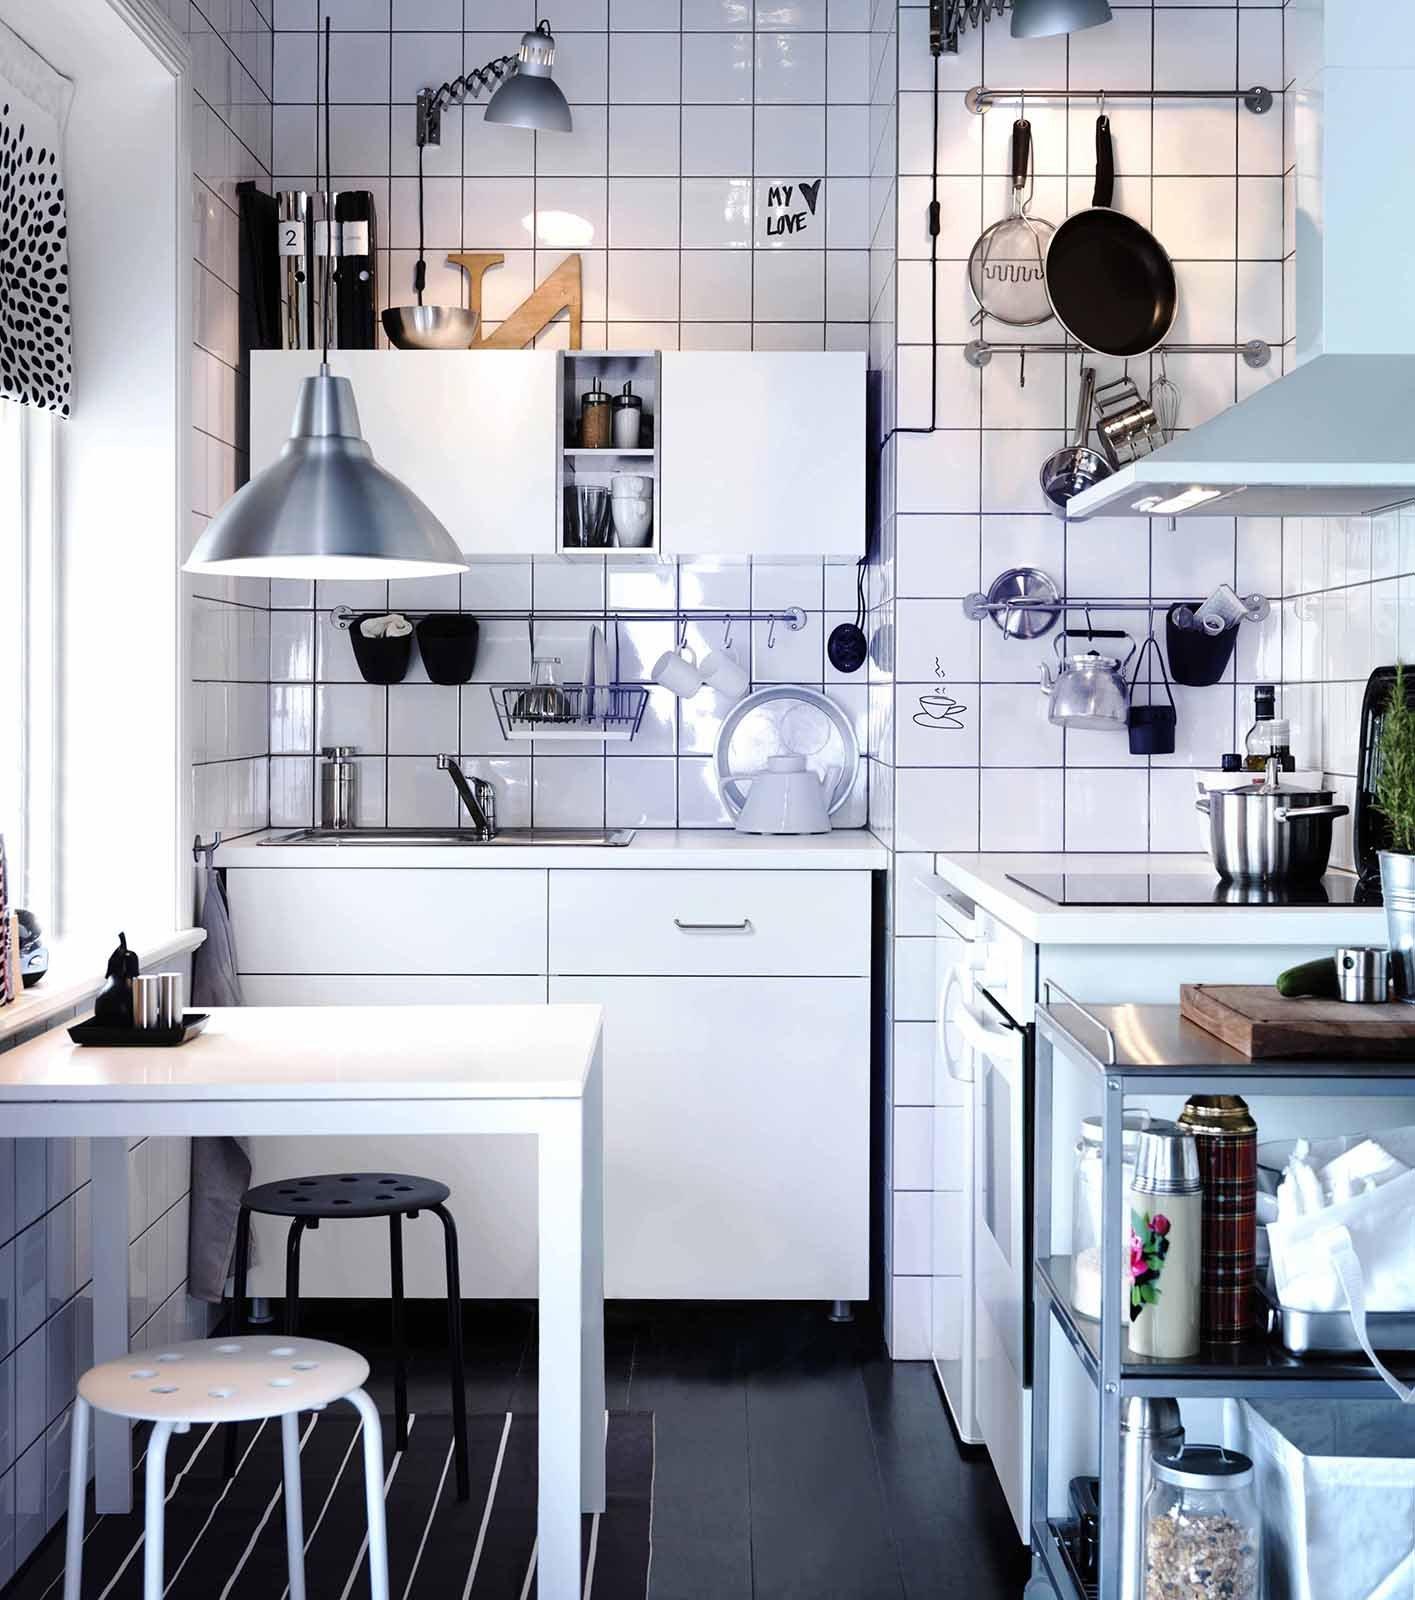 Illuminazione cucina la luce nel punto giusto - Quanto costa cucina ikea ...